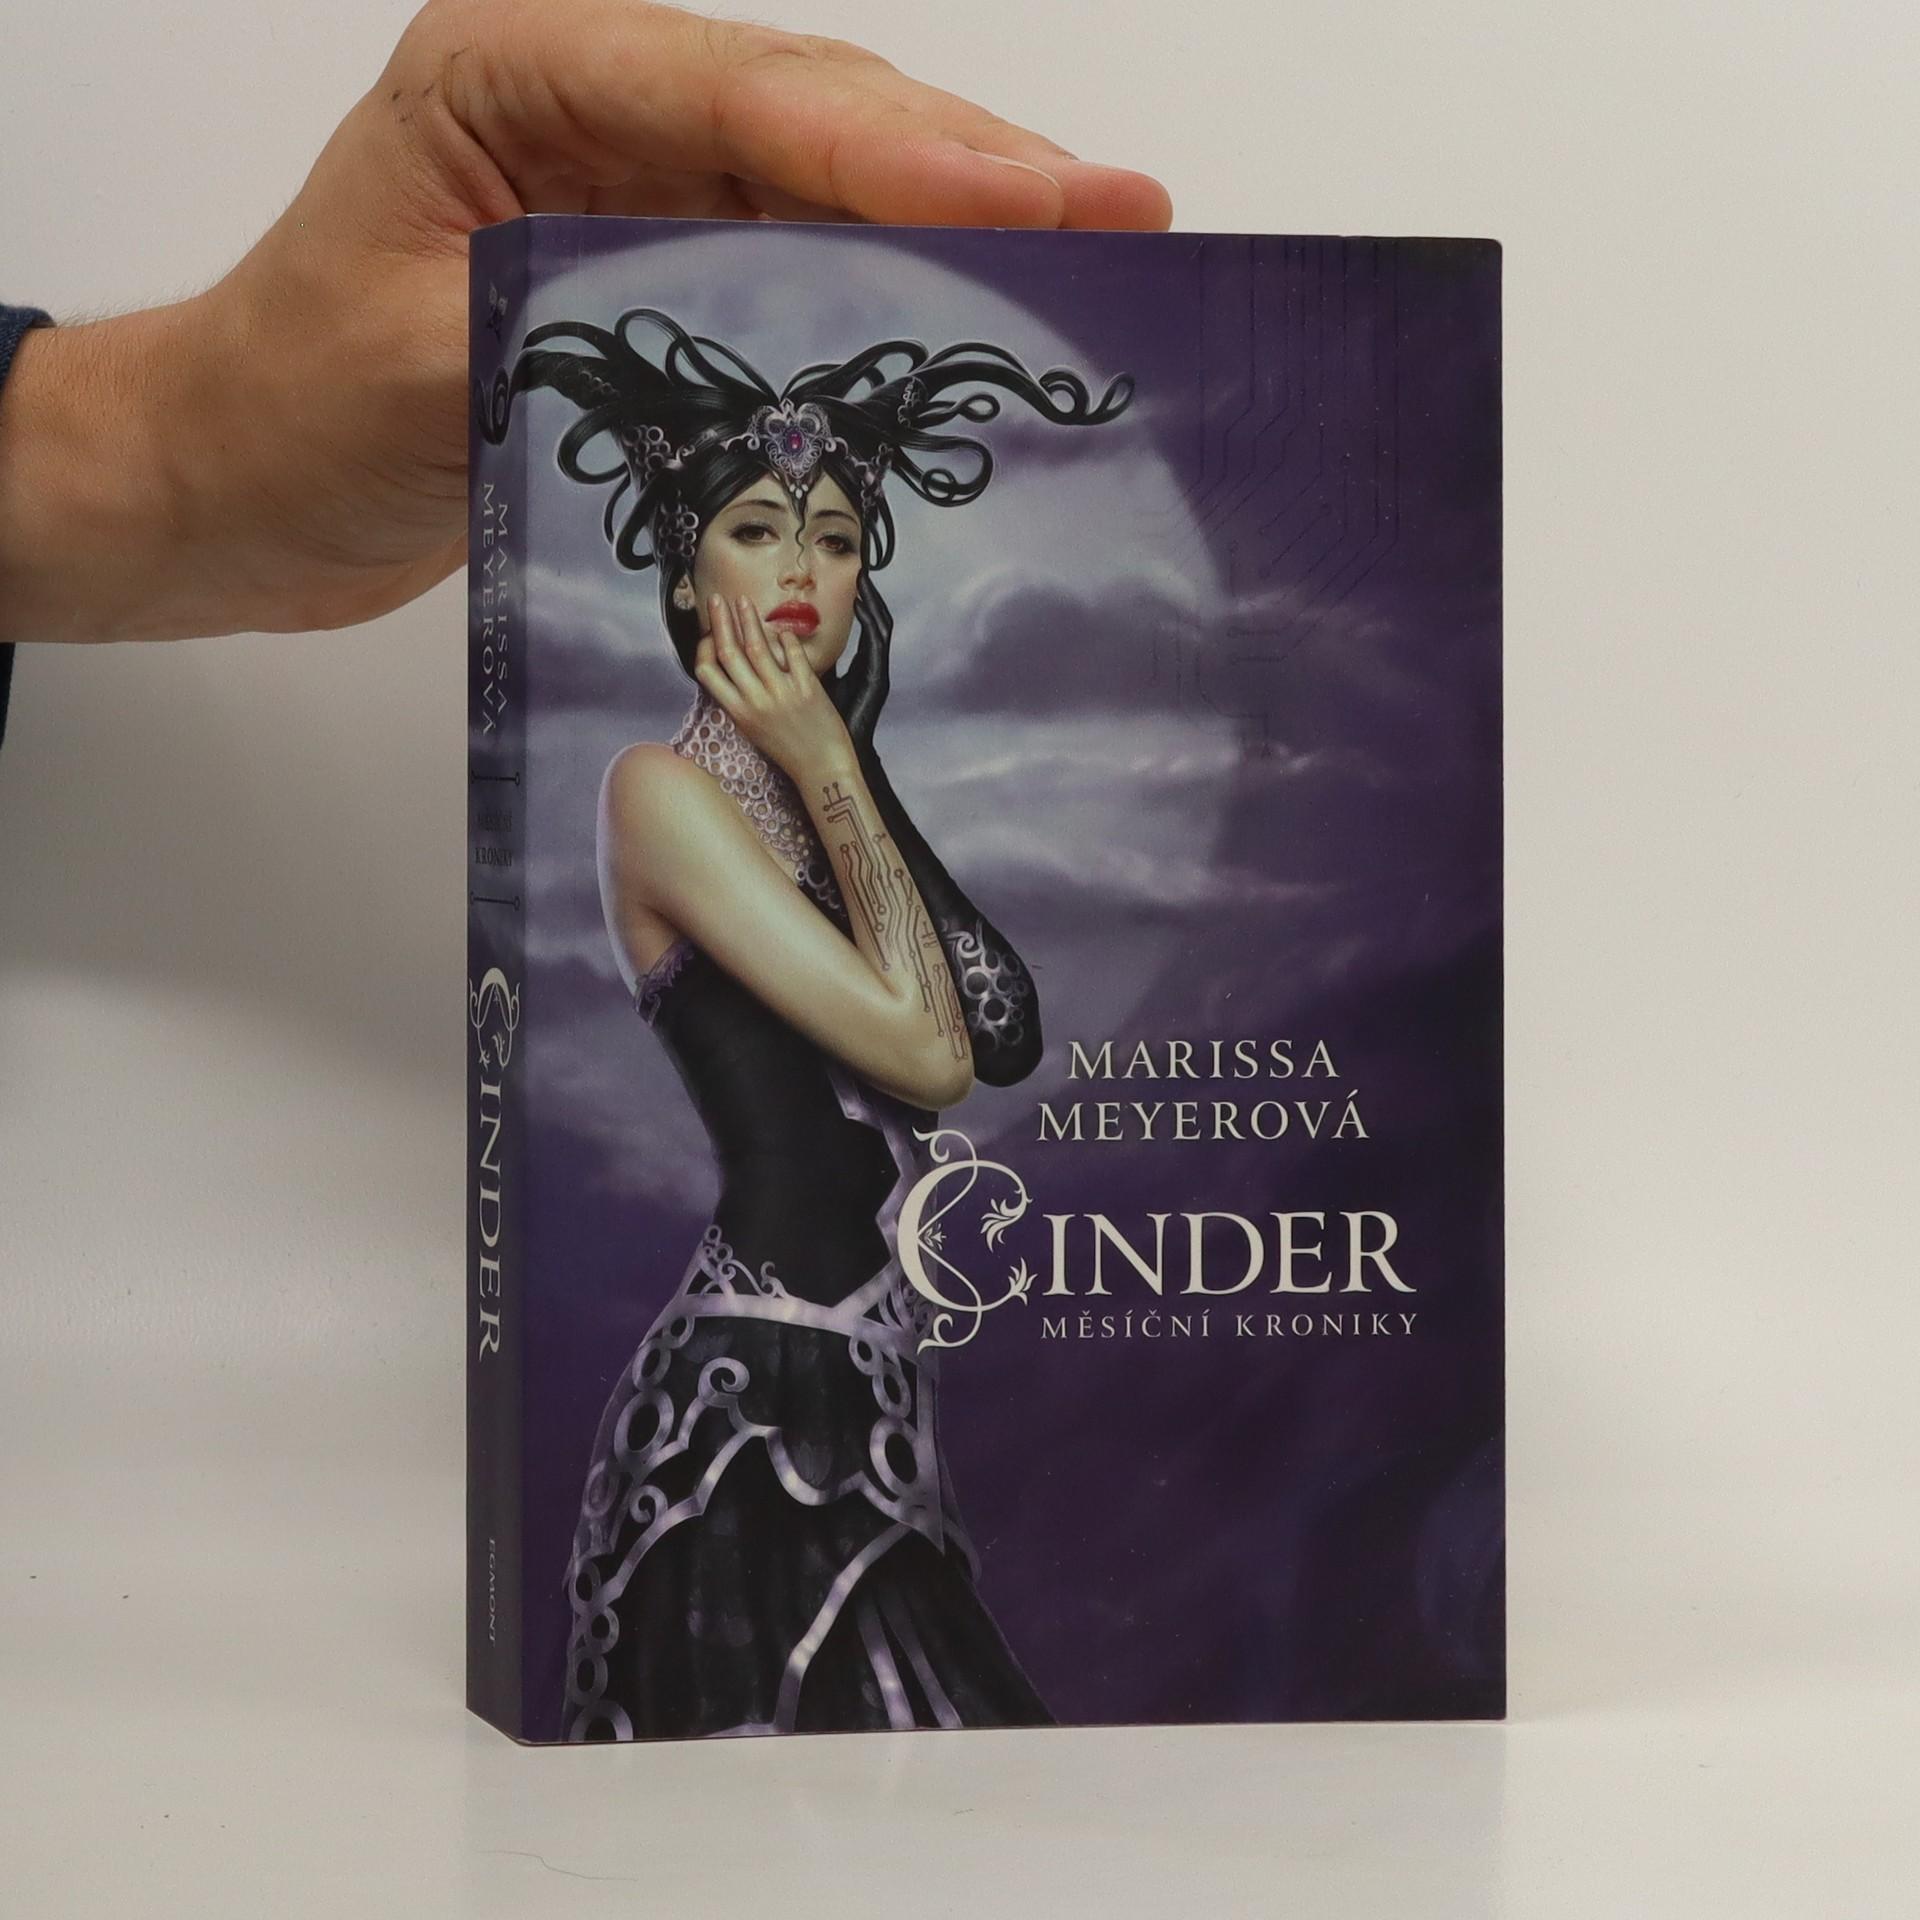 antikvární kniha Měsíční kroniky - Cinder (1. díl série), 2012